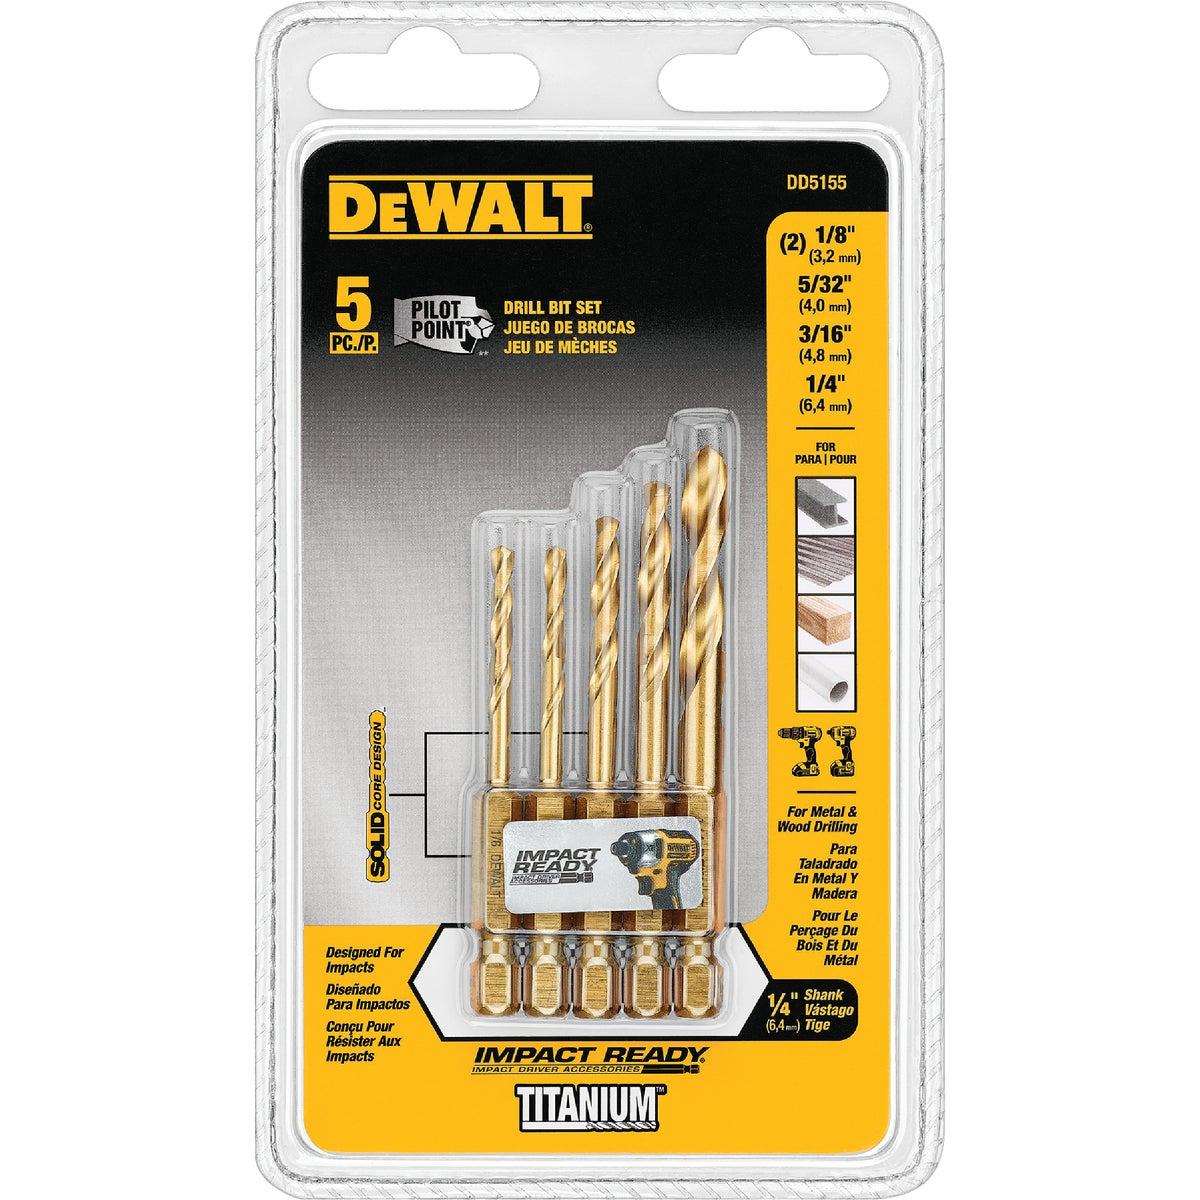 5PC IMPACT DRILLING SET - DD5055 by DeWalt